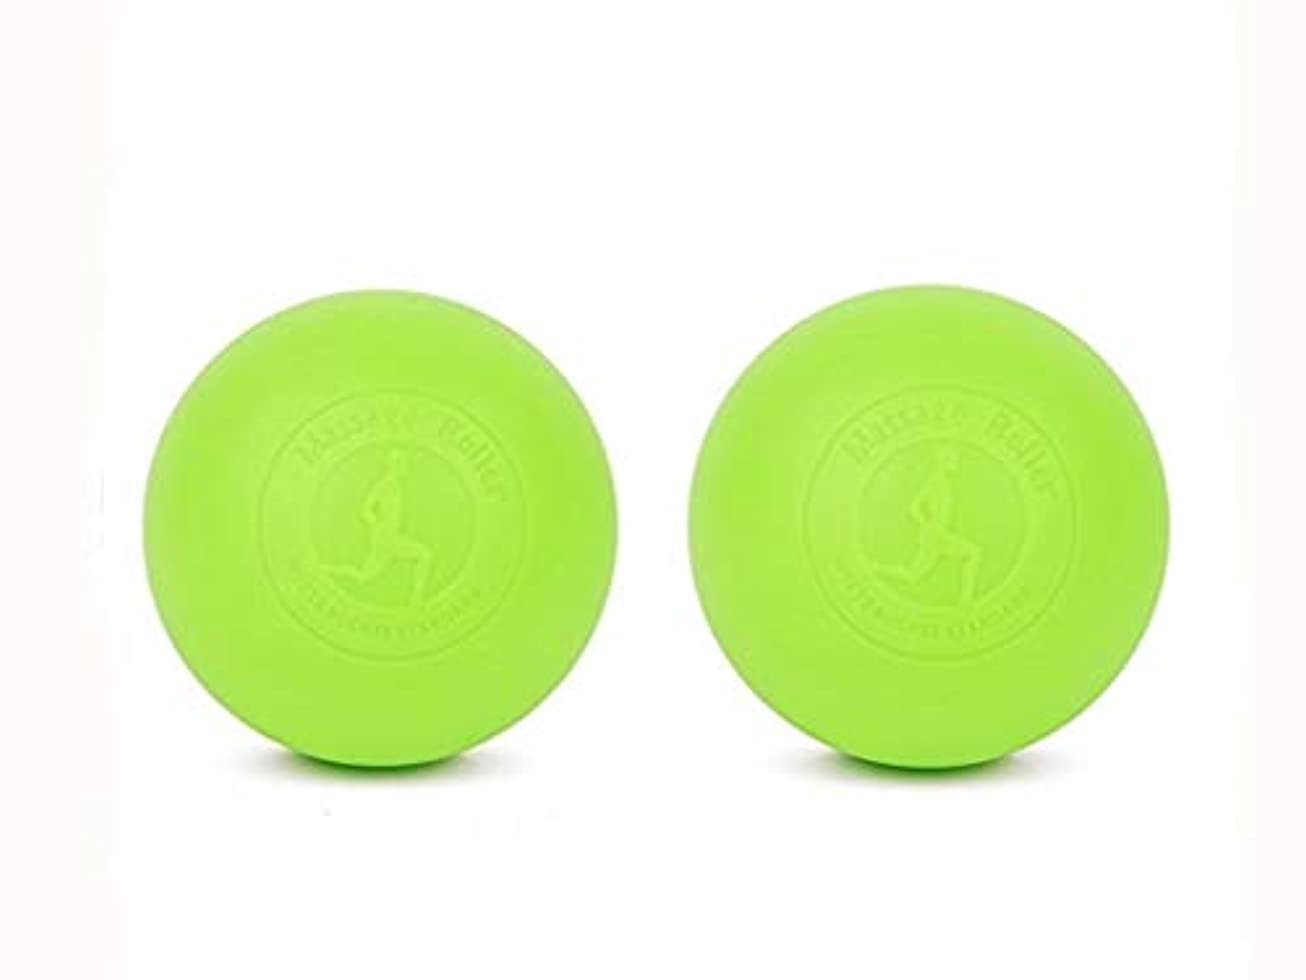 司教千保険をかけるONNSERR 深い筋肉のリラクゼーションマッサージボール トリガーポイント マッサージボール 指圧ボールマッスルマッサージボール、筋膜球 運動後に筋肉の痛みを和らげるのがよい